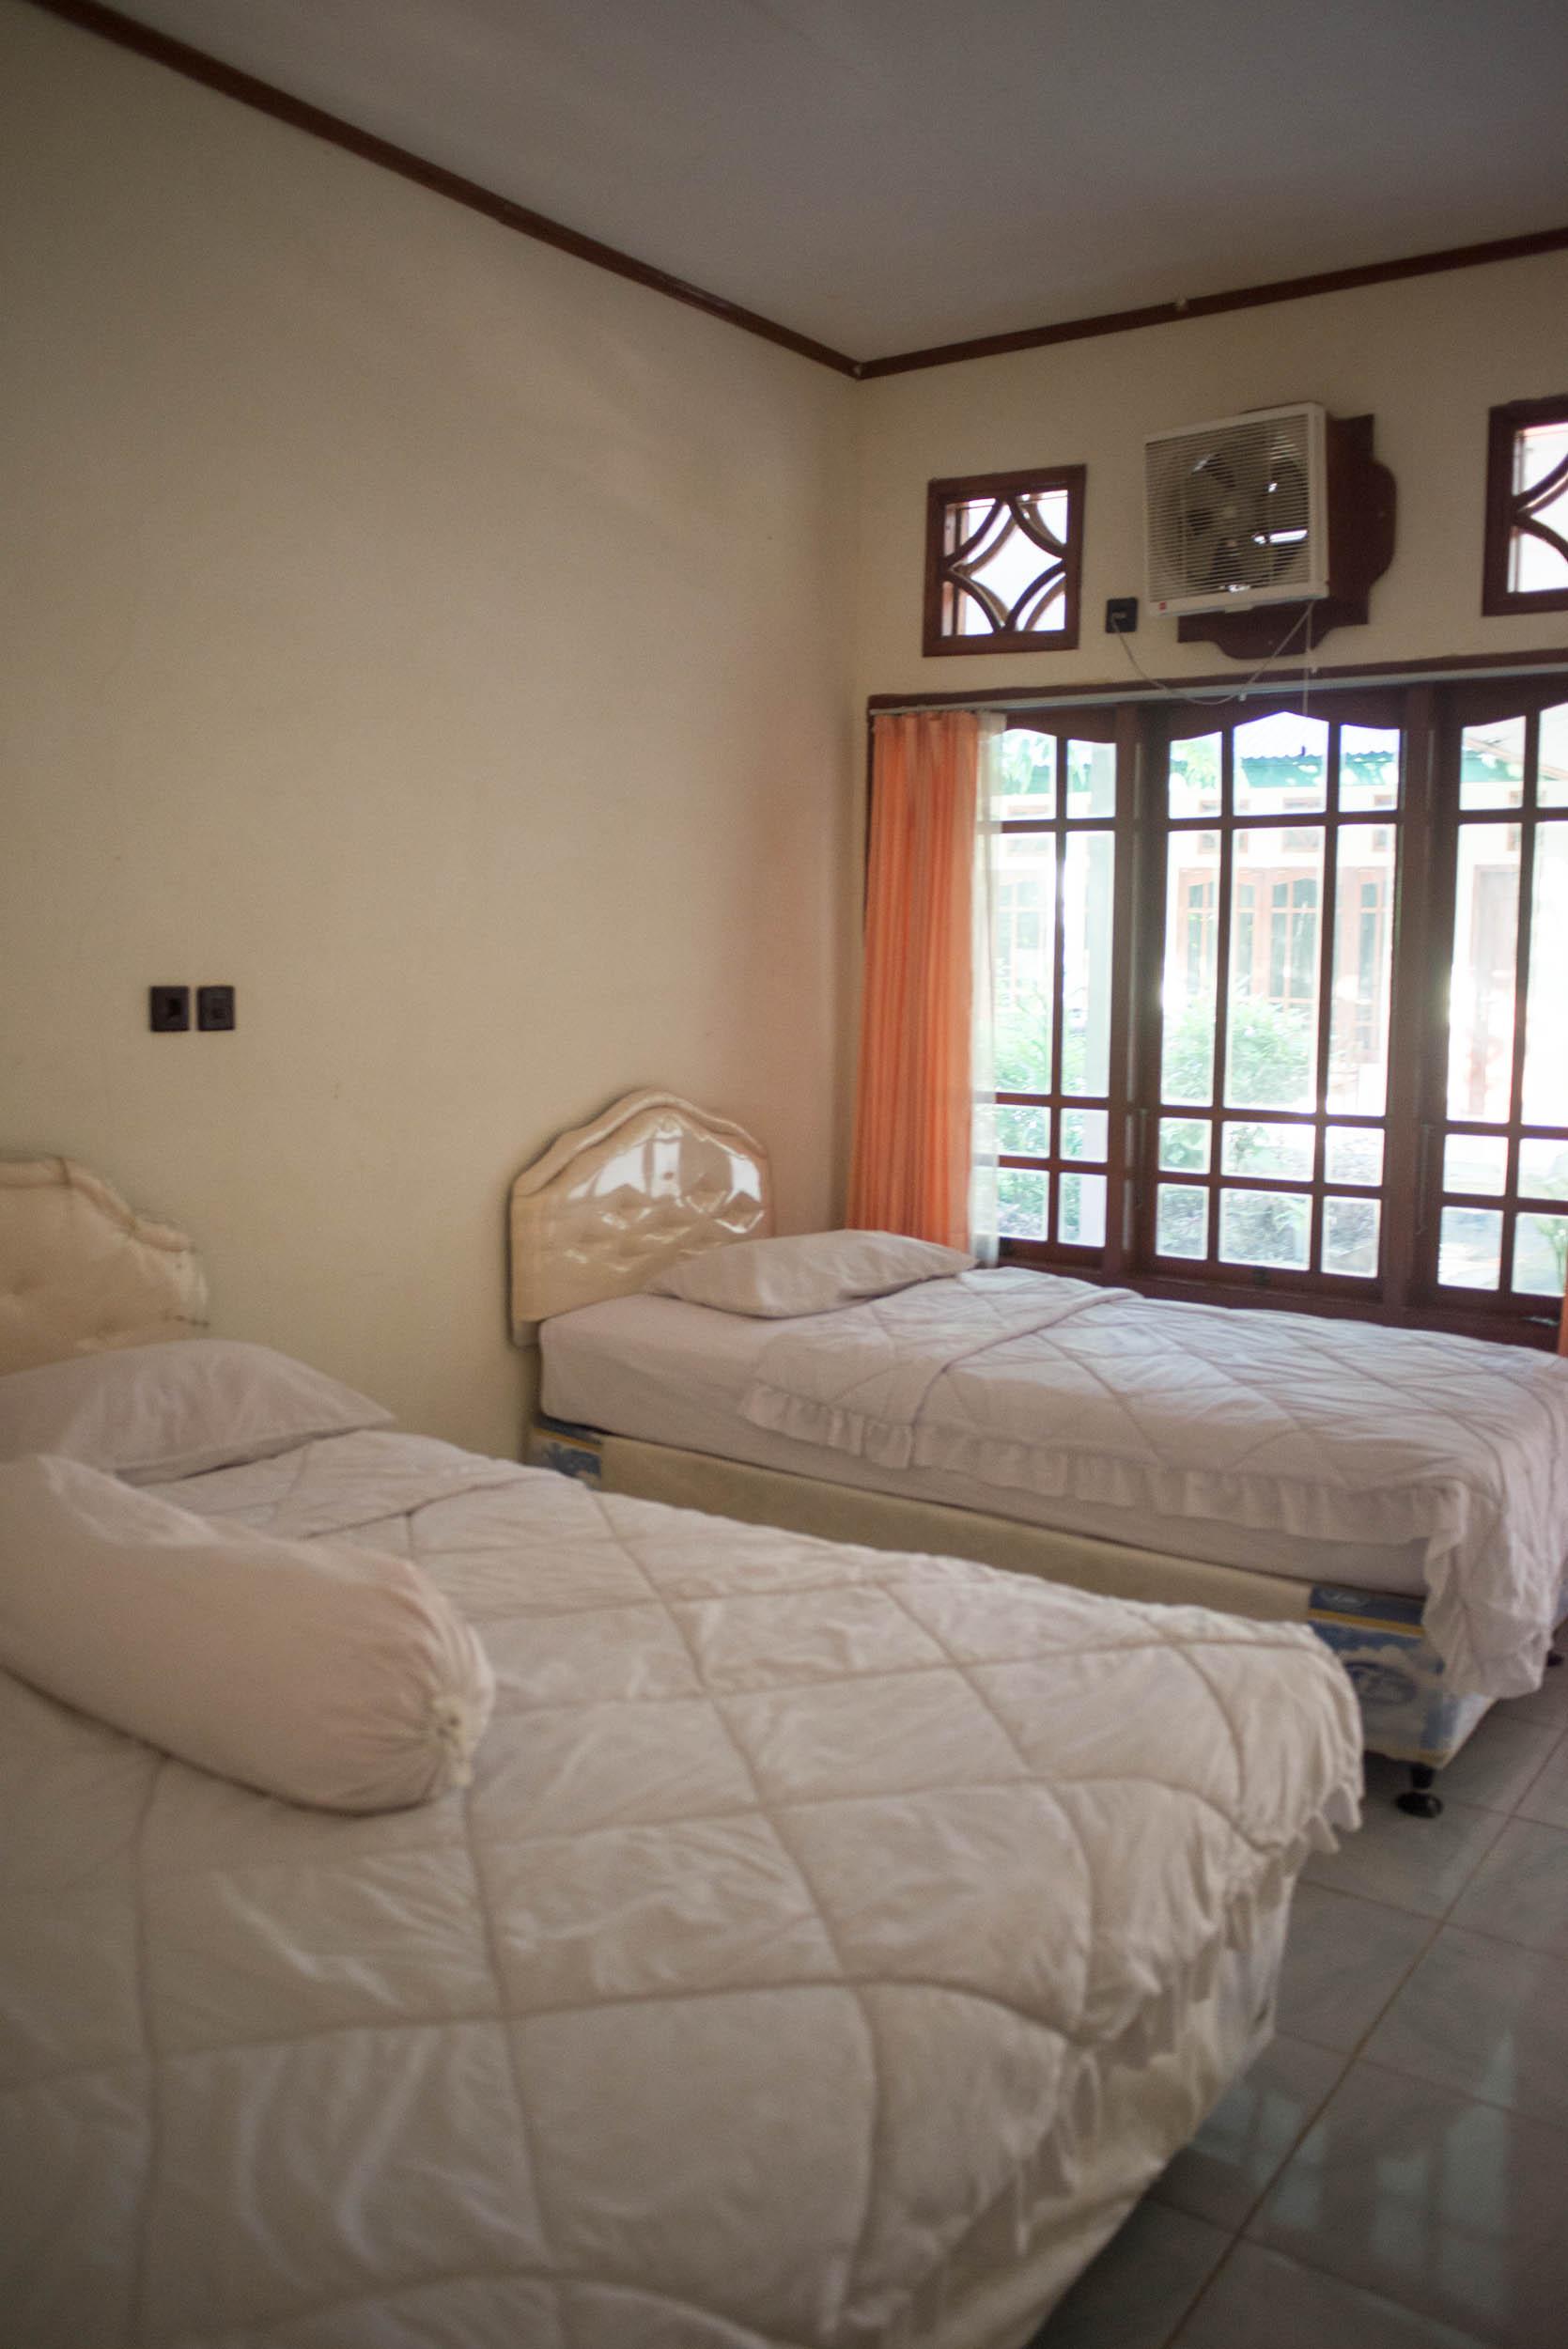 riungwisatahotelrooms